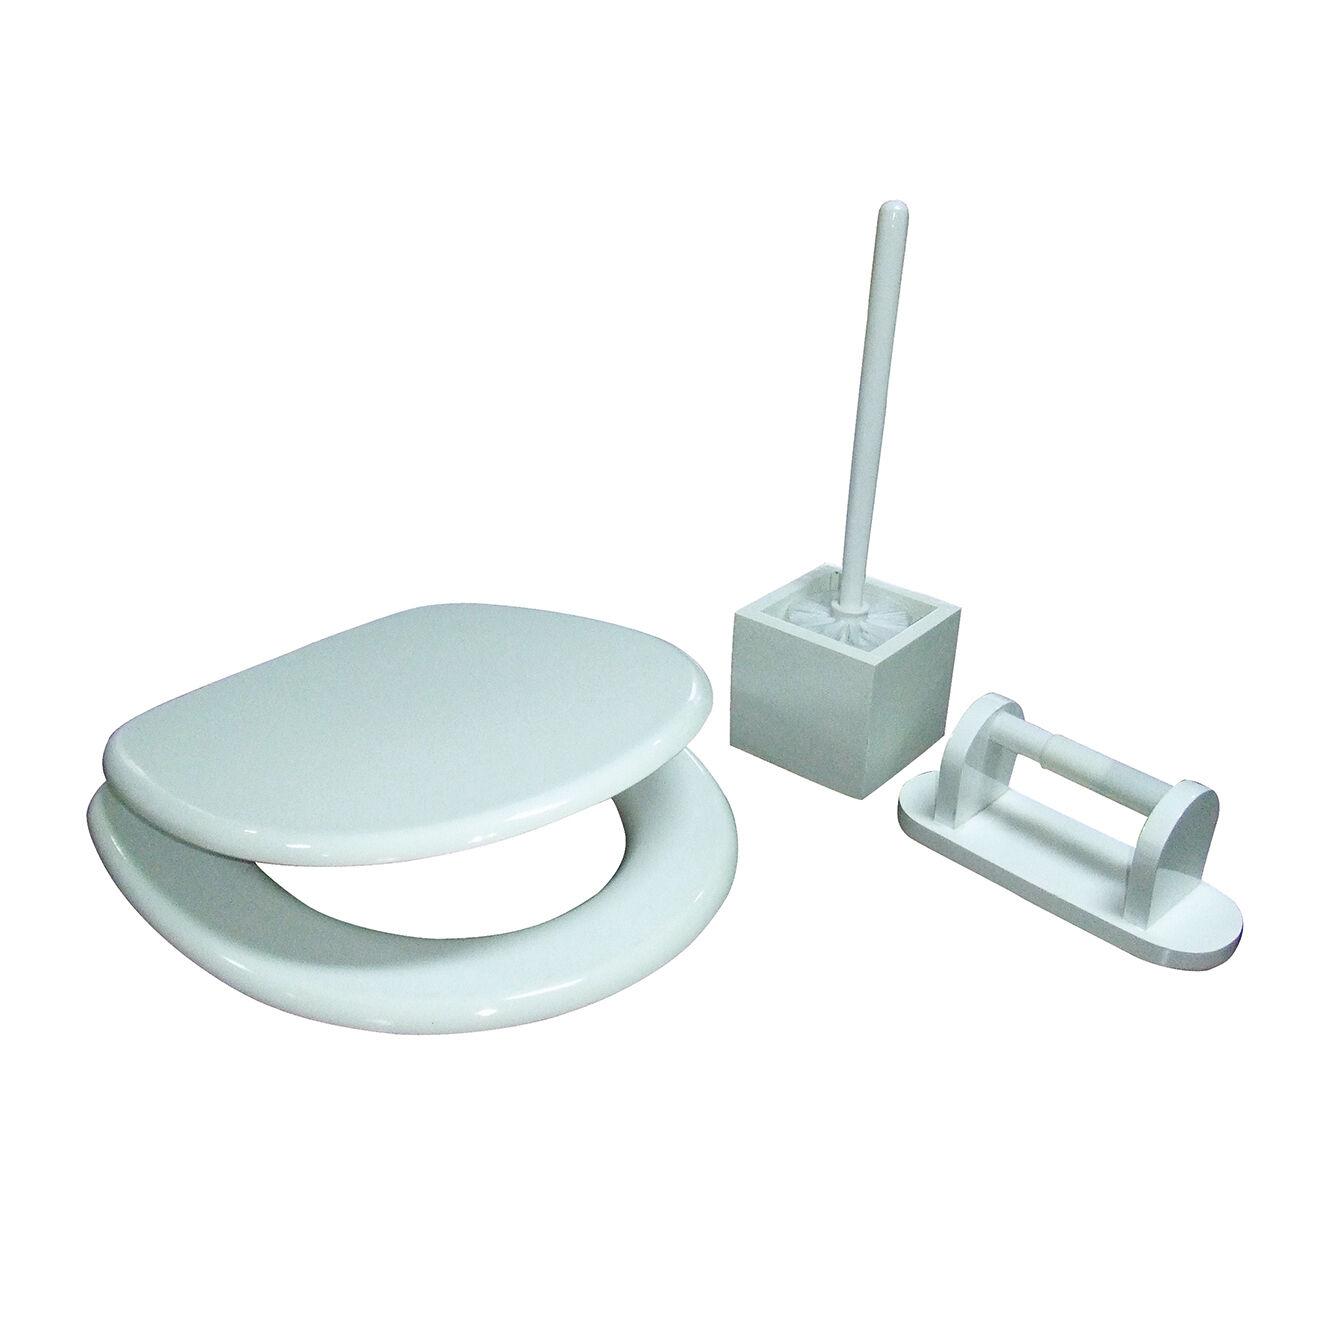 Bergner--accessoires pour wc blanc-t.u